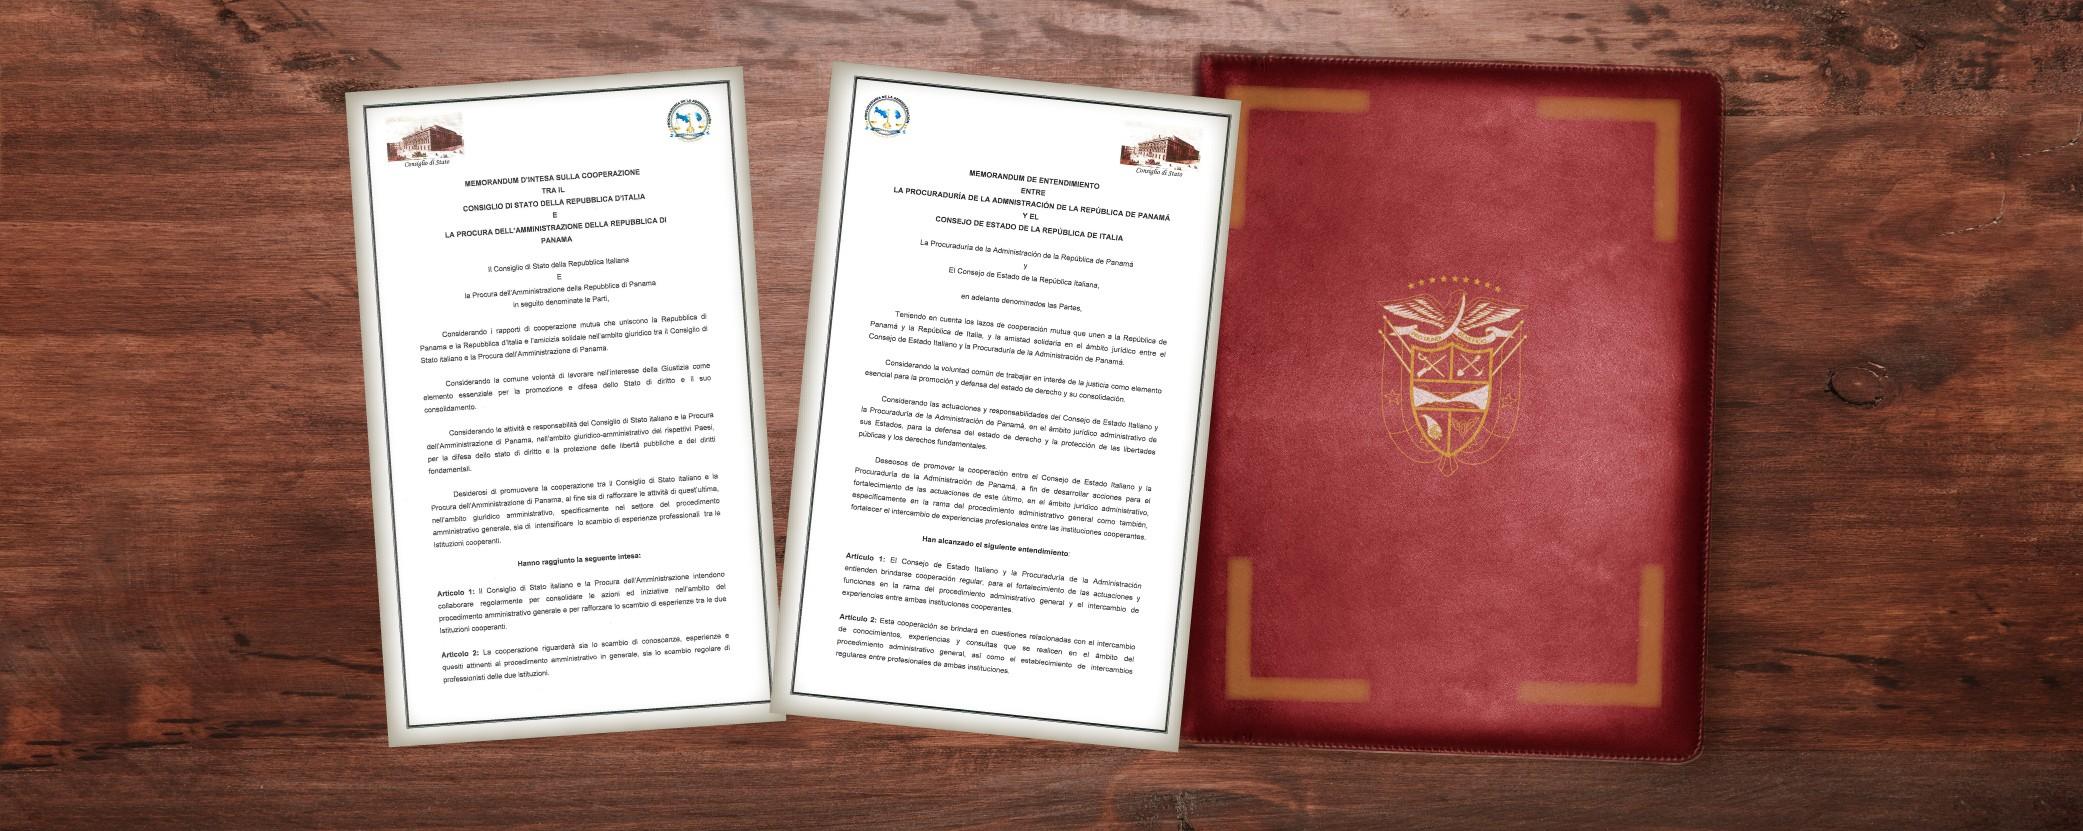 Lee más sobre el artículo Procuraduría de la Administración suscribe Memorándum de Entendimiento con Consejo de Estado Italiano